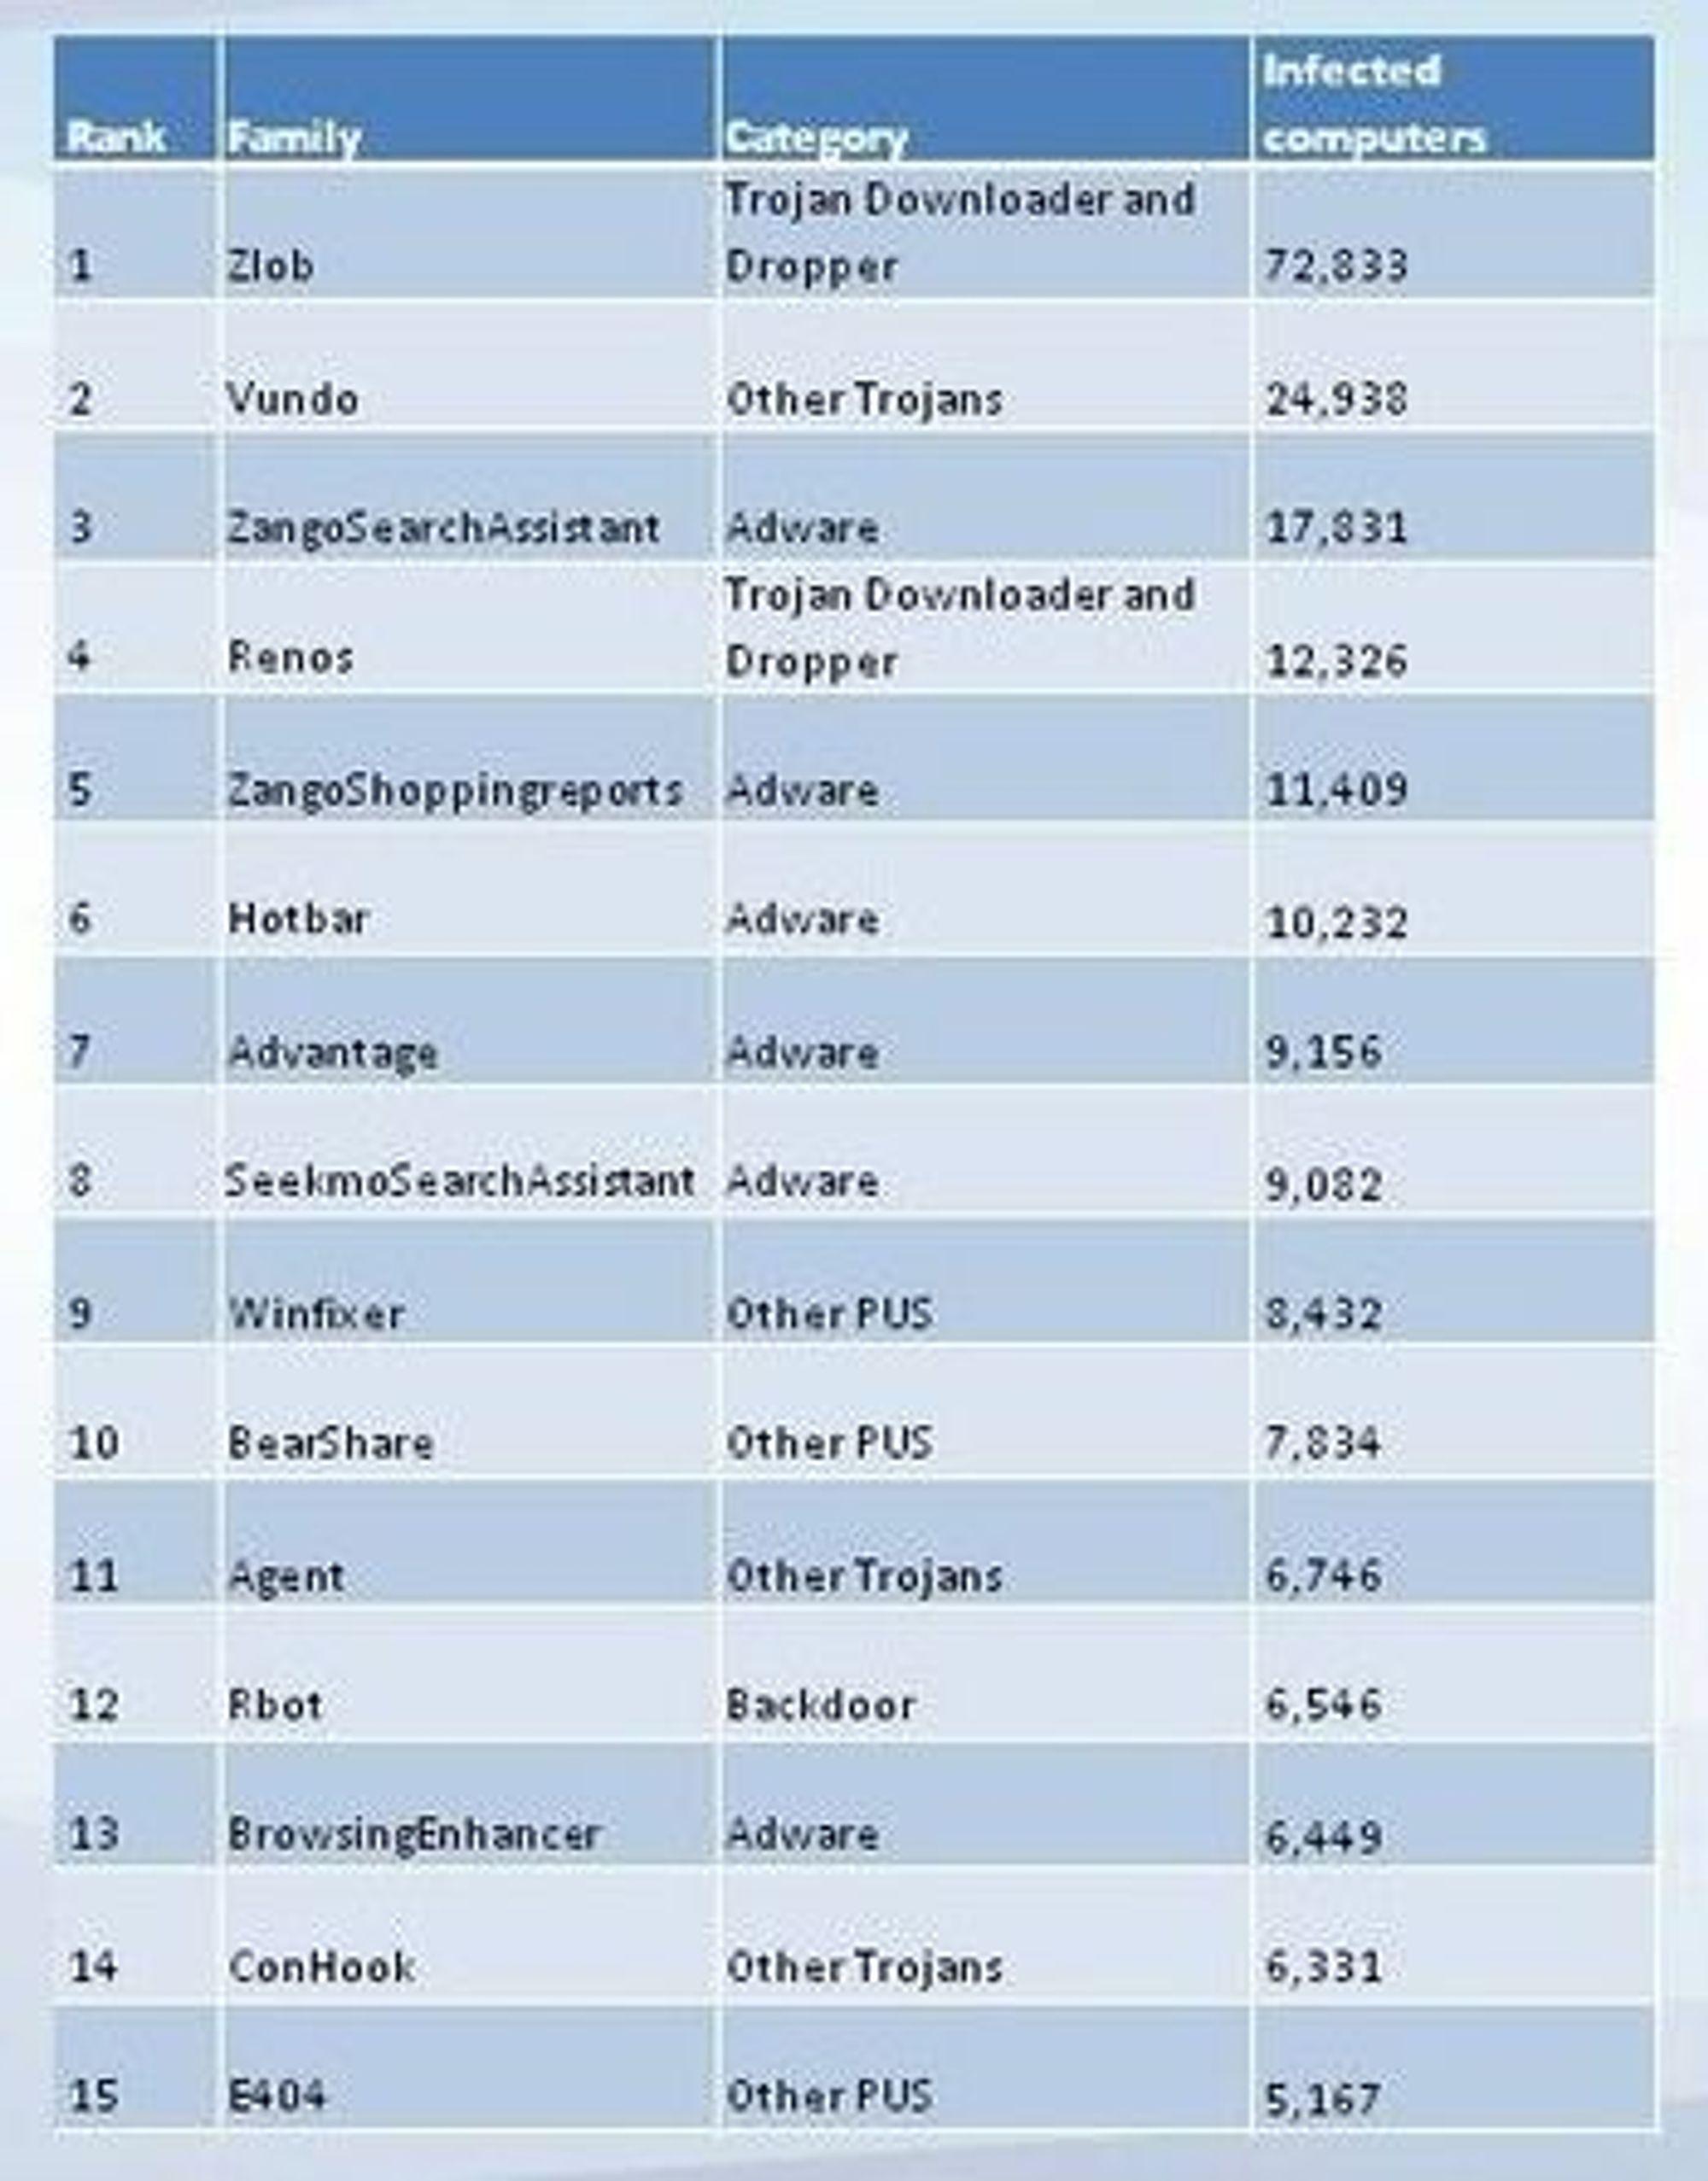 Zlob topper listen over ondsinnet programvare som har infisert norske maskiner i årets første halvår.